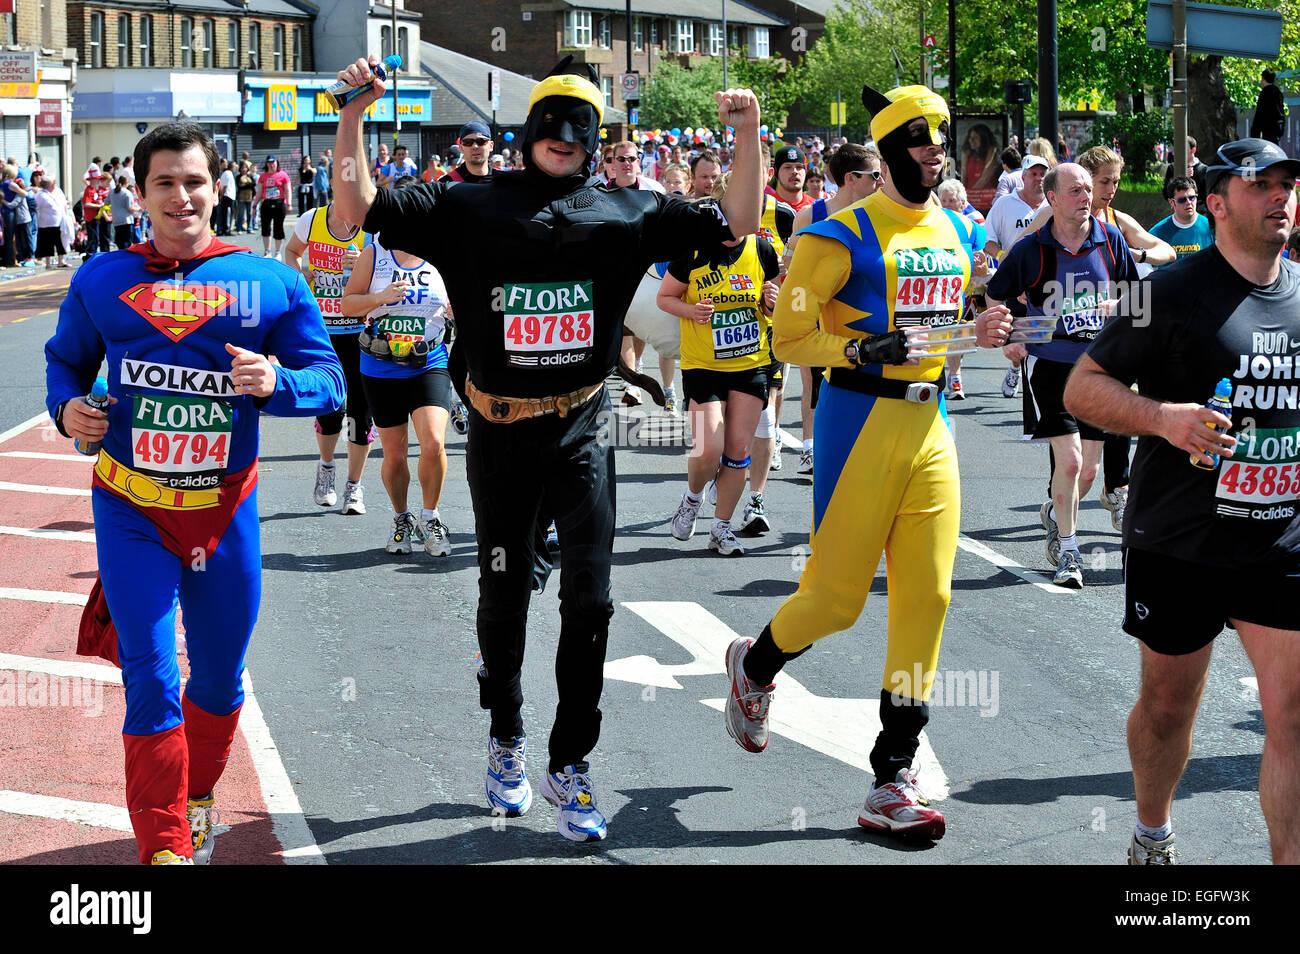 London Marathon Spaß oder Charity-Läufer in Tracht Stockfoto